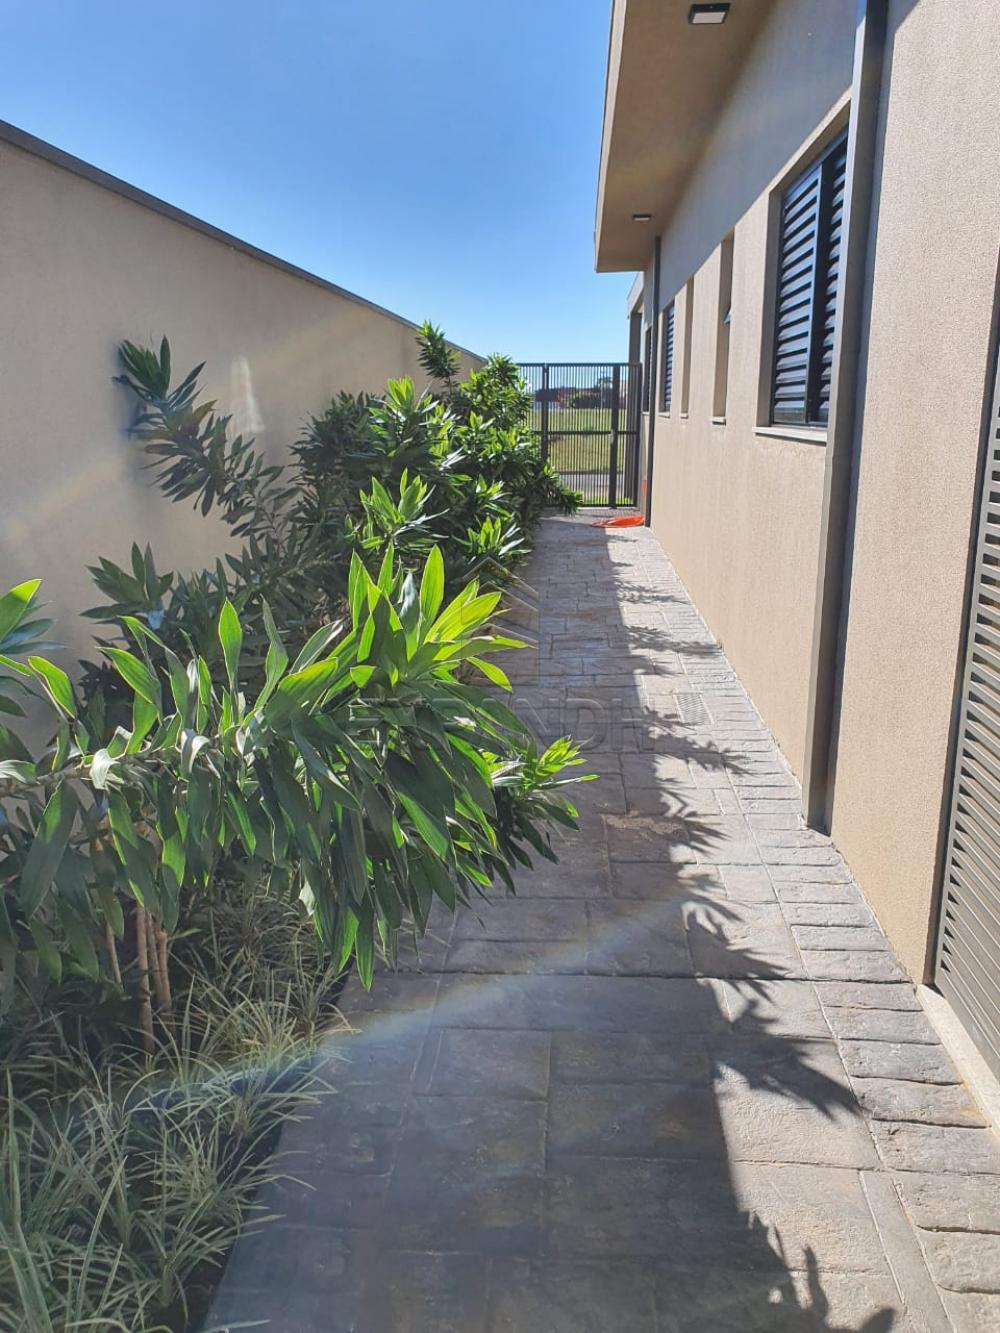 Comprar Casas / Condomínio em Sertãozinho R$ 478.390,00 - Foto 23